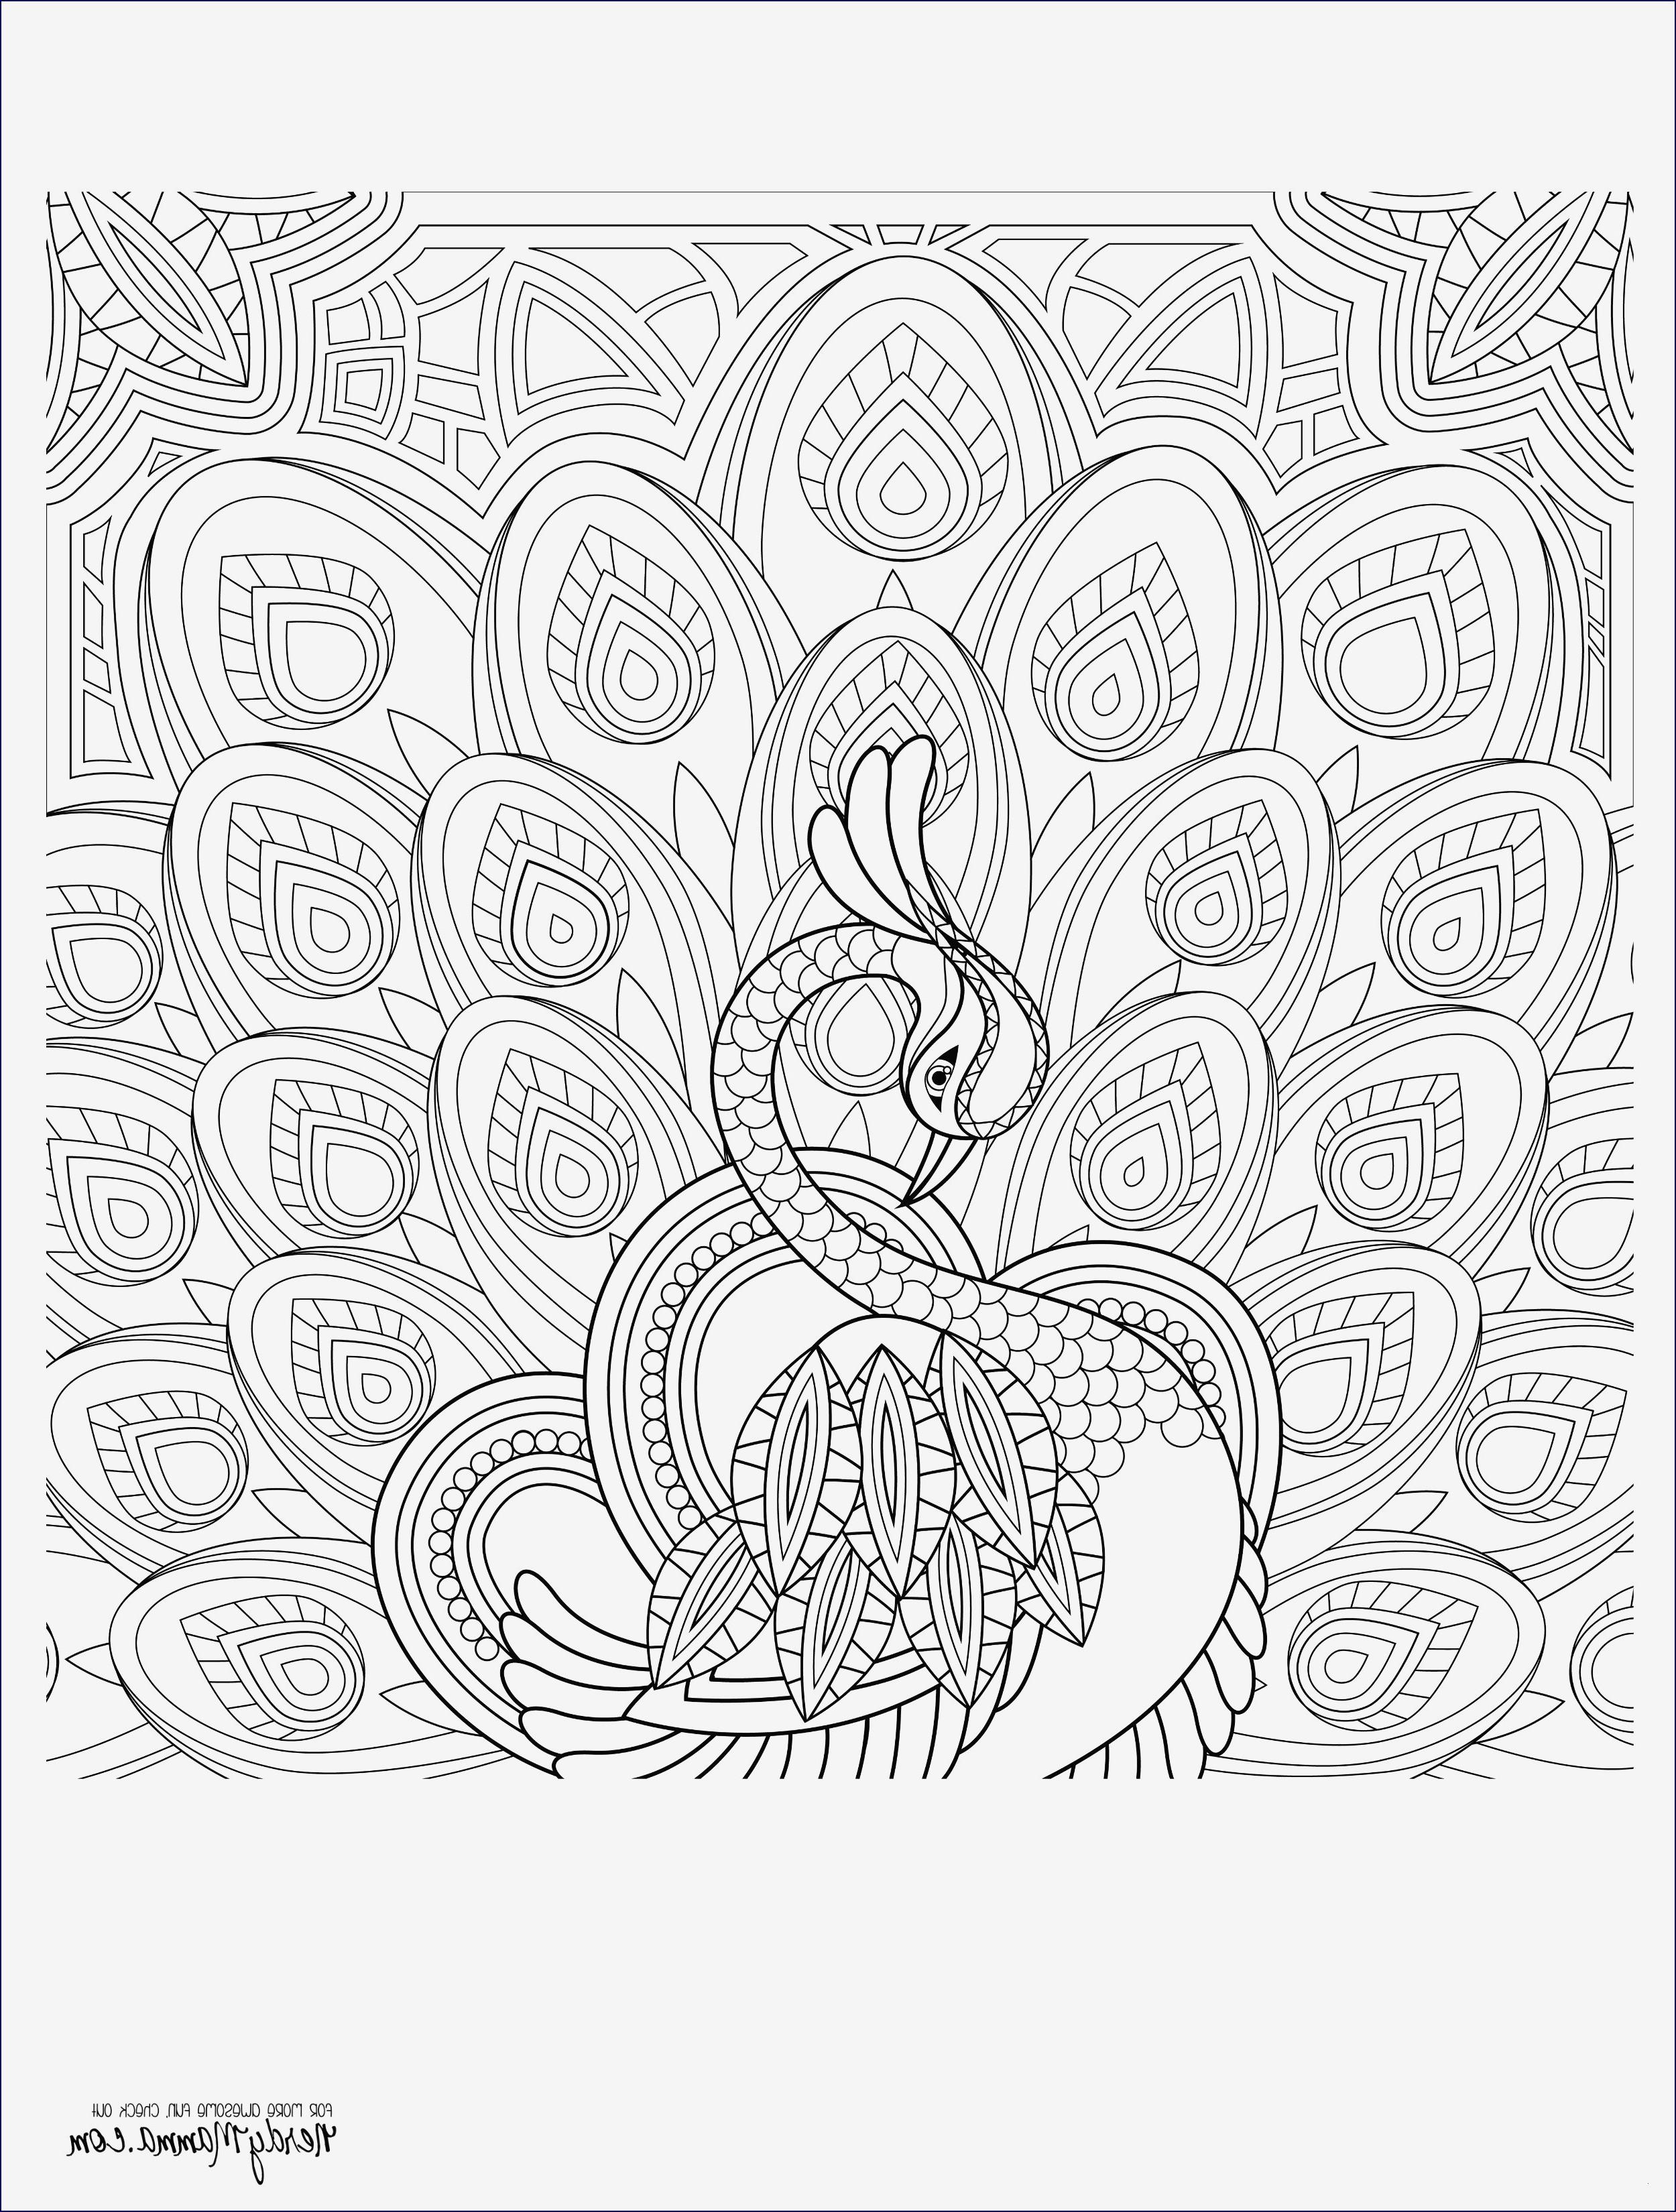 Ausmalbilder Ostereier Kostenlos Das Beste Von 43 Frisch Ausmalbilder Osterei – Große Coloring Page Sammlung Fotos